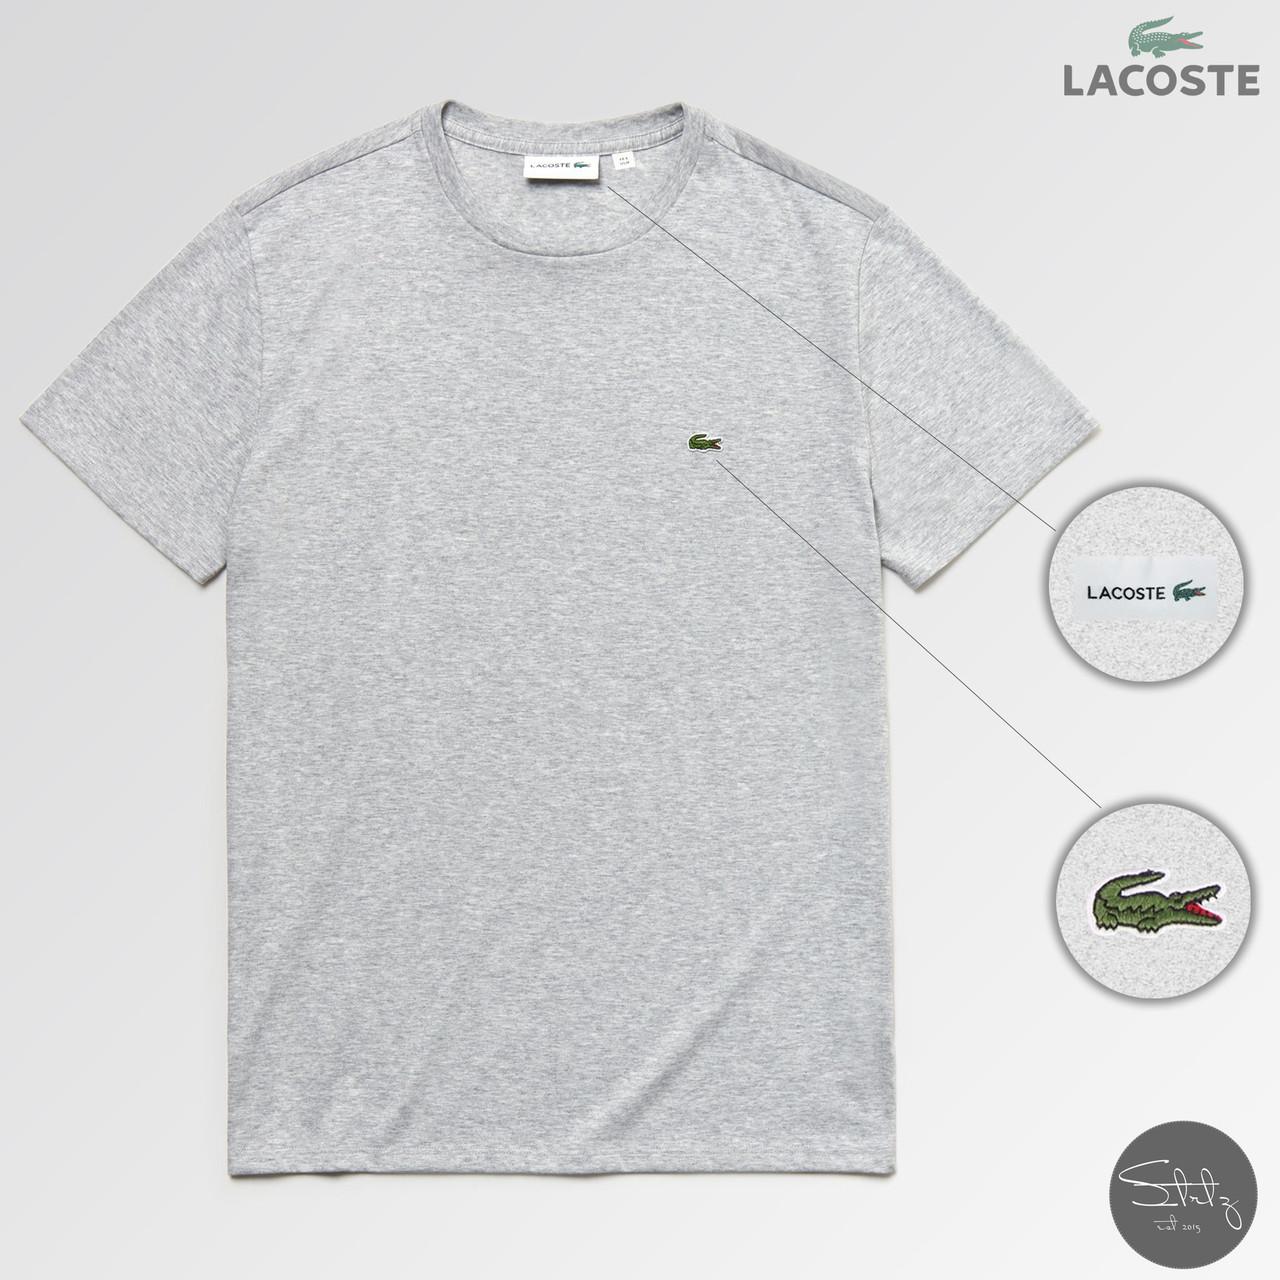 Мужская футболка стильная Lacoste (реплика) лето. Цвет: серый